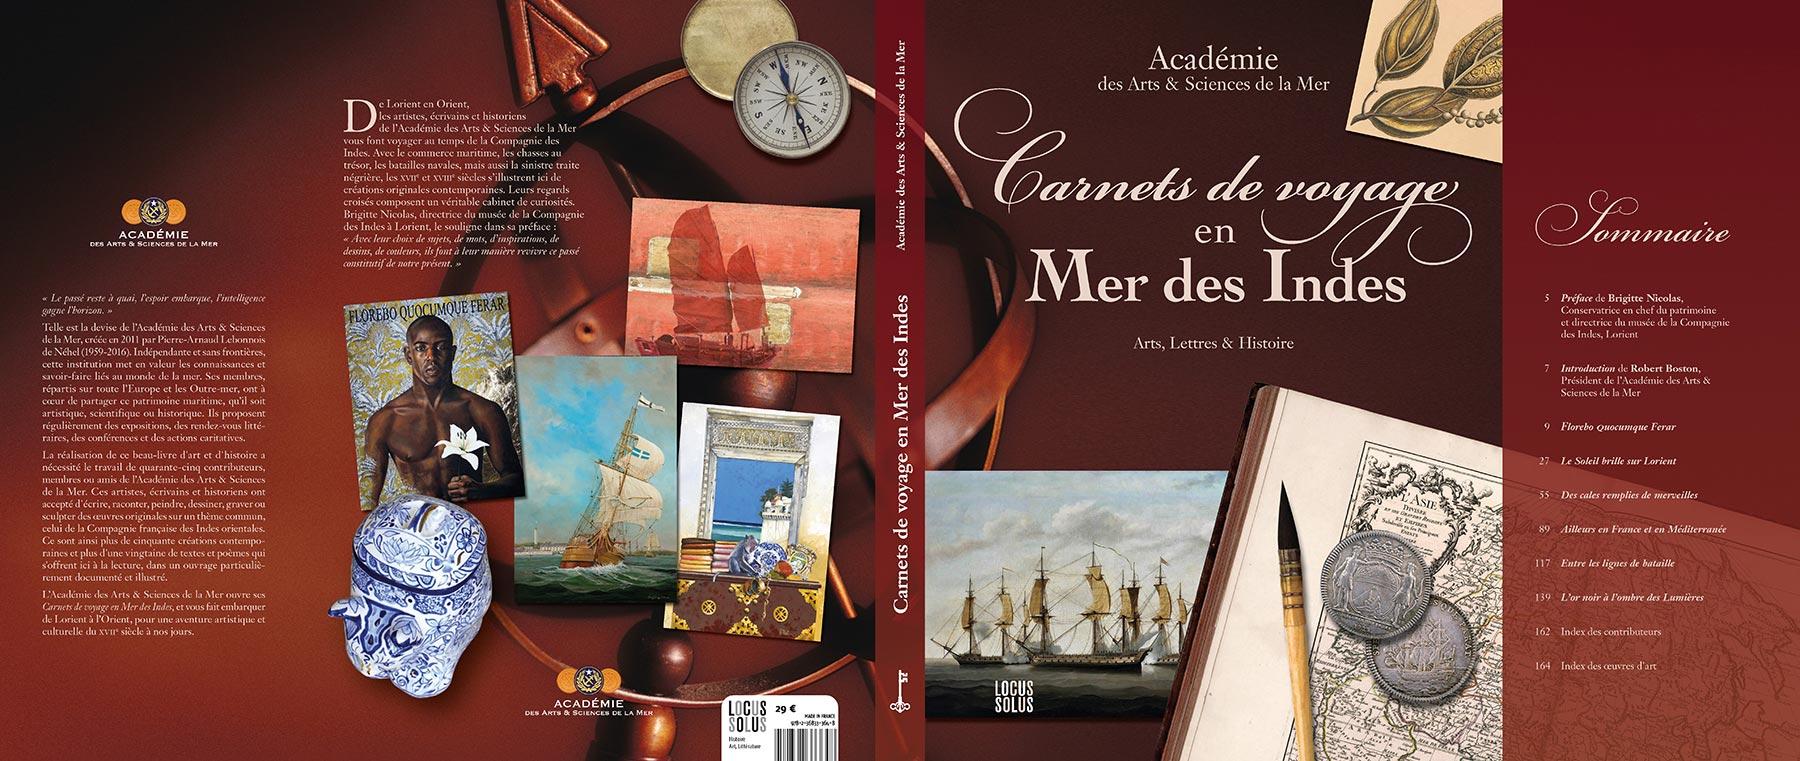 Carnets de voyage en Mer des Indes par l'Académie des Arts et Sciences de la Mer - Locus Solus - jaquette